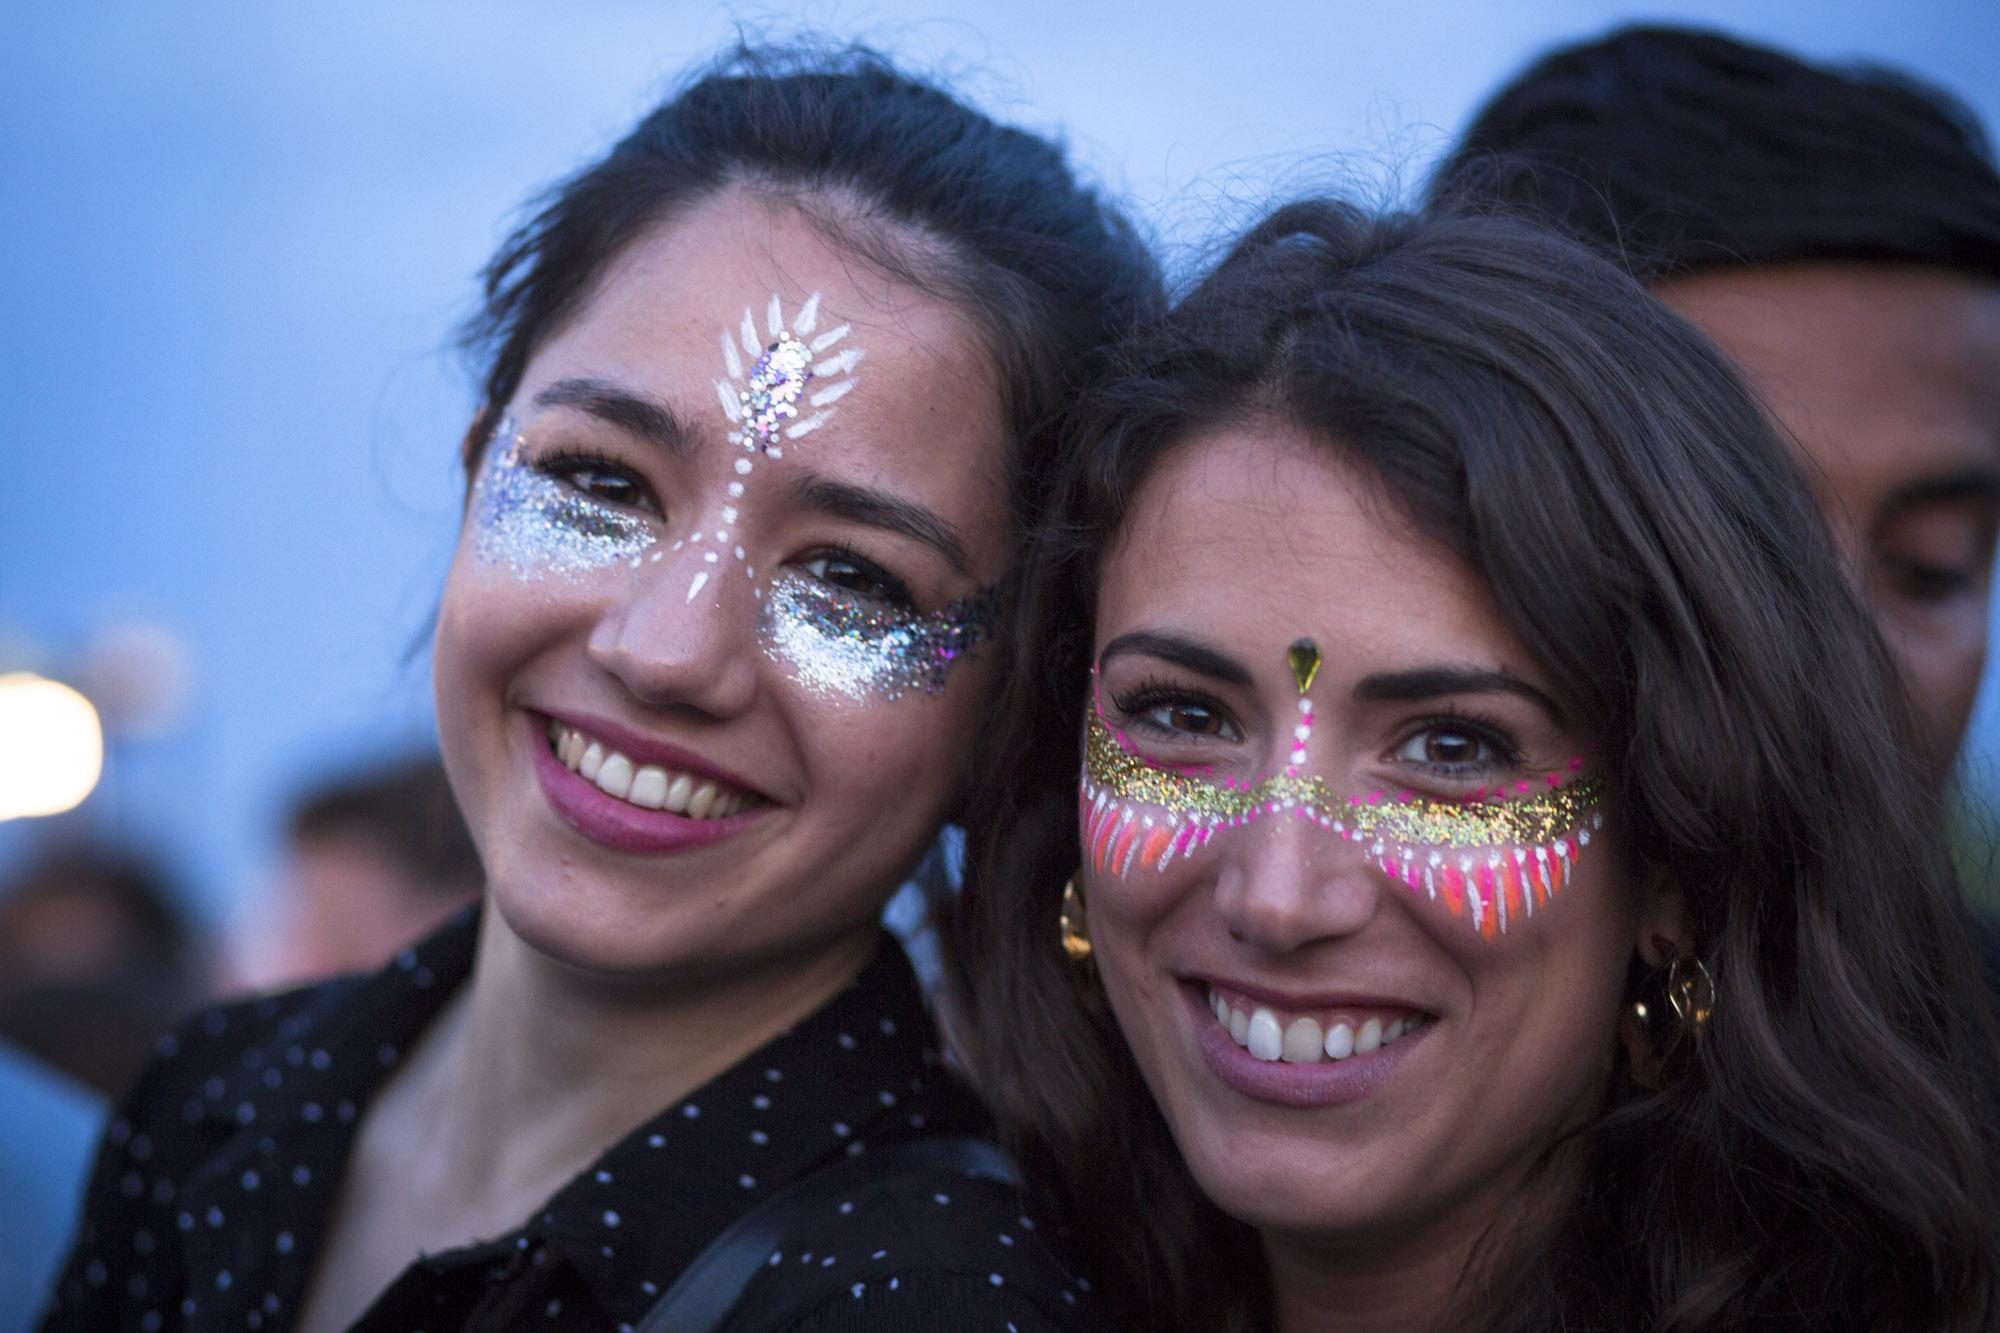 Maquillage à paillettes pour soirées et évènements